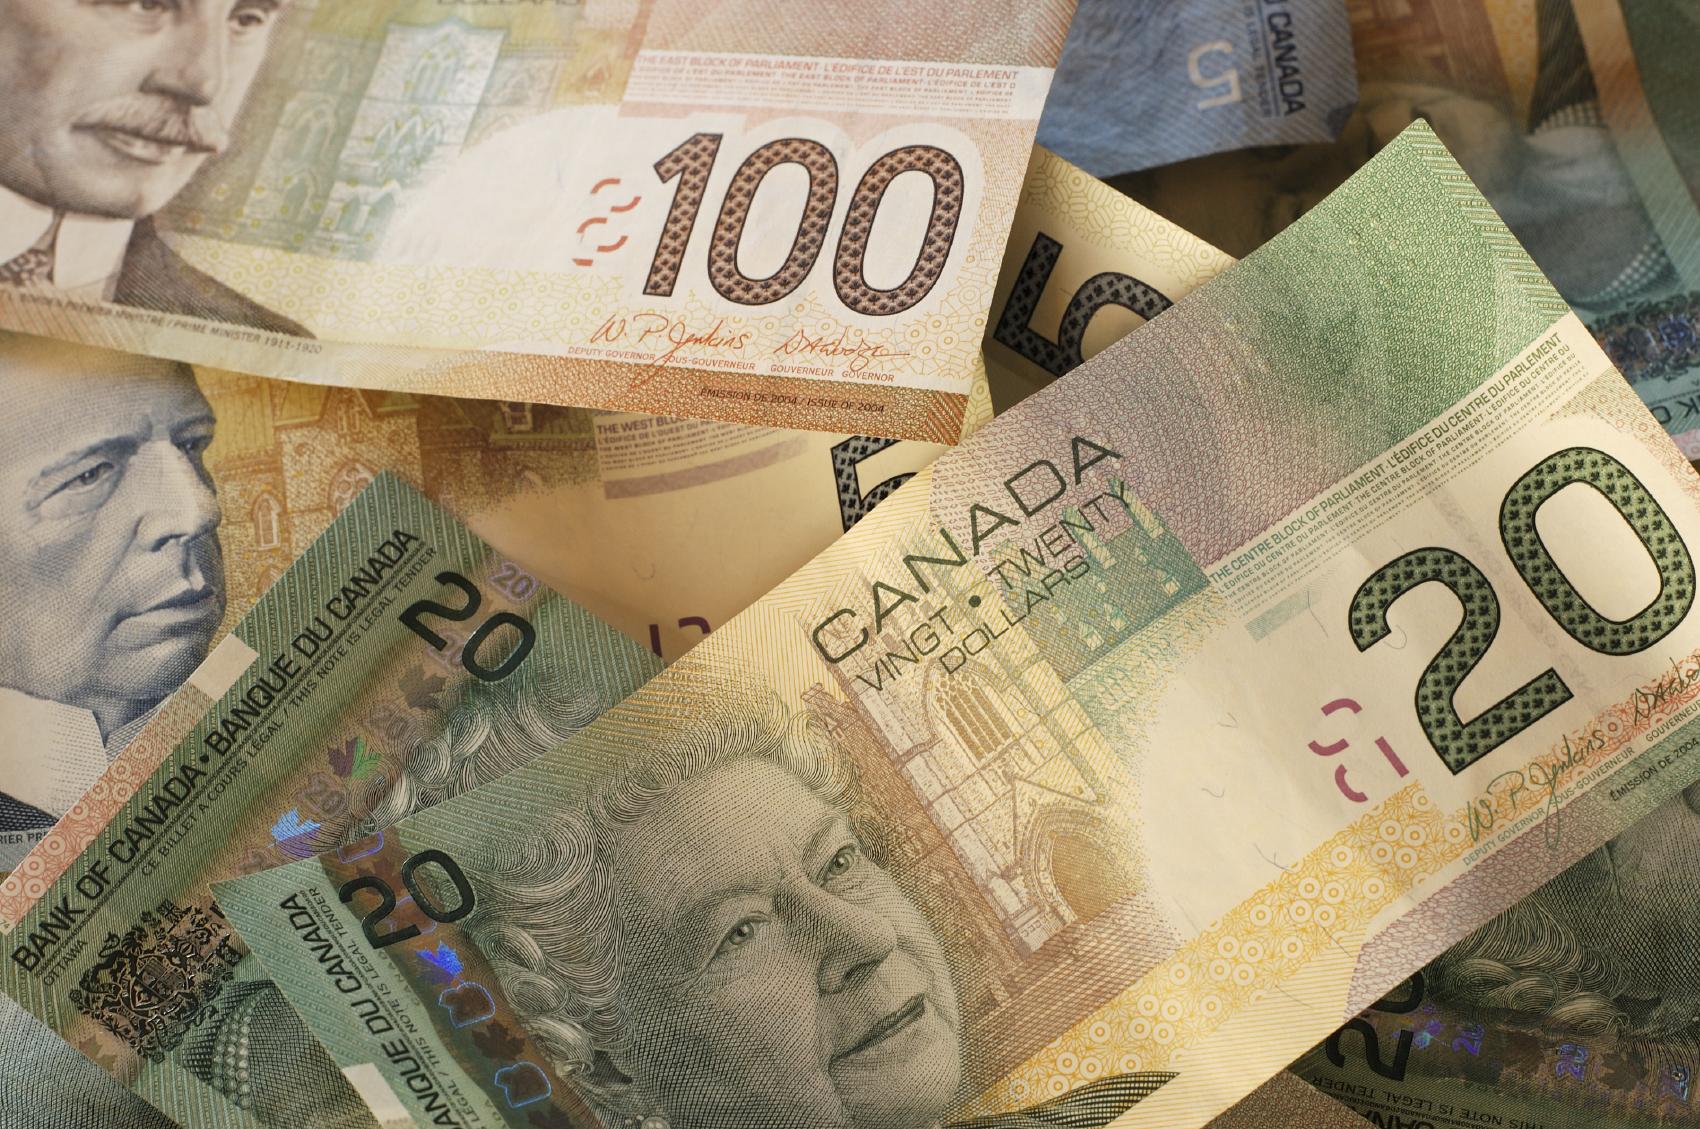 Calgary oil giant Husky Energy reports profits for third quarter